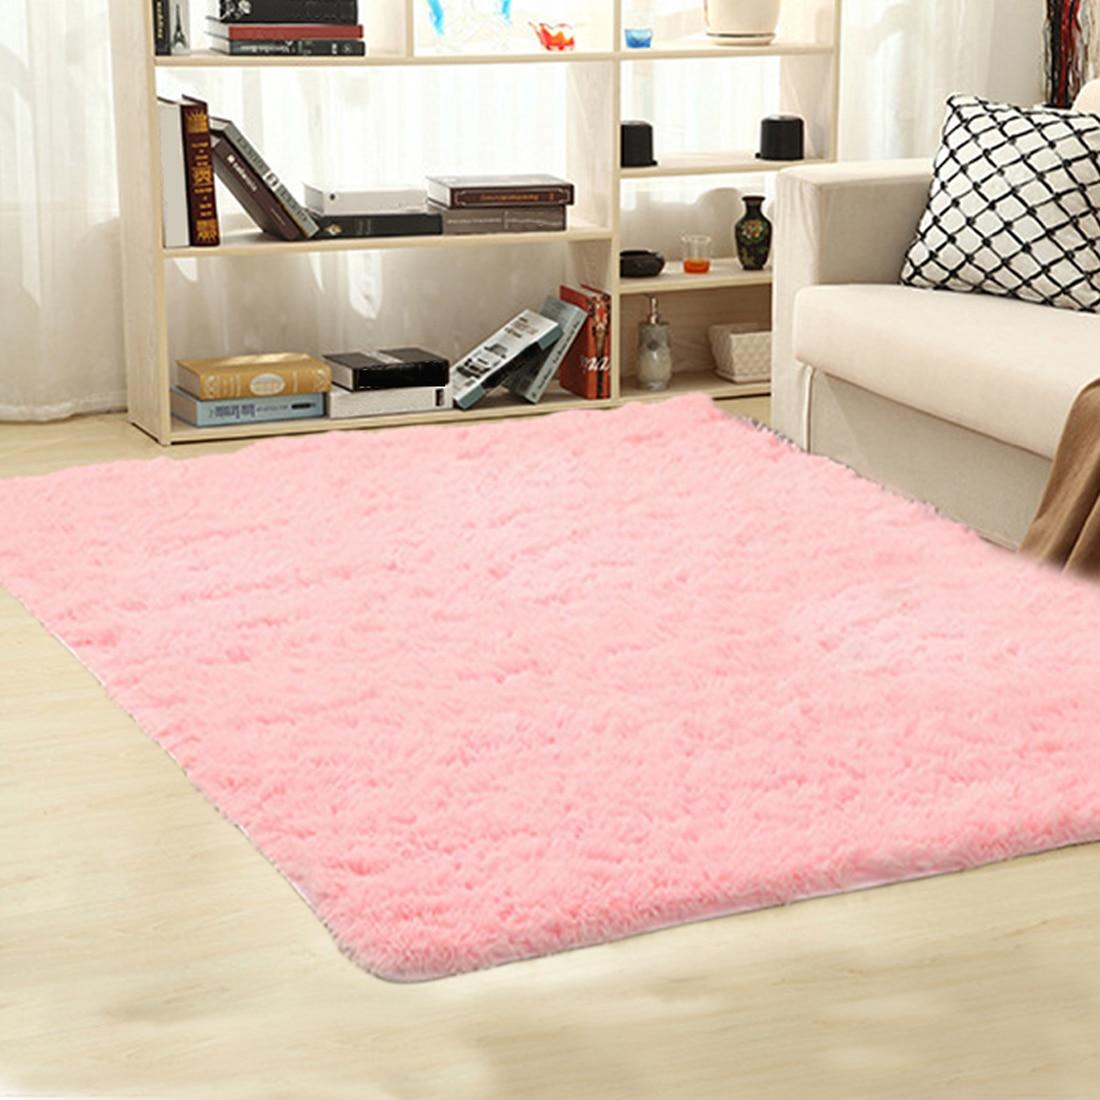 Tapis en peluche doux Shaggy Alfombras tapis en fausse fourrure tapis de sol antidérapant pour salon chambre décoration de la maison fournitures - 4